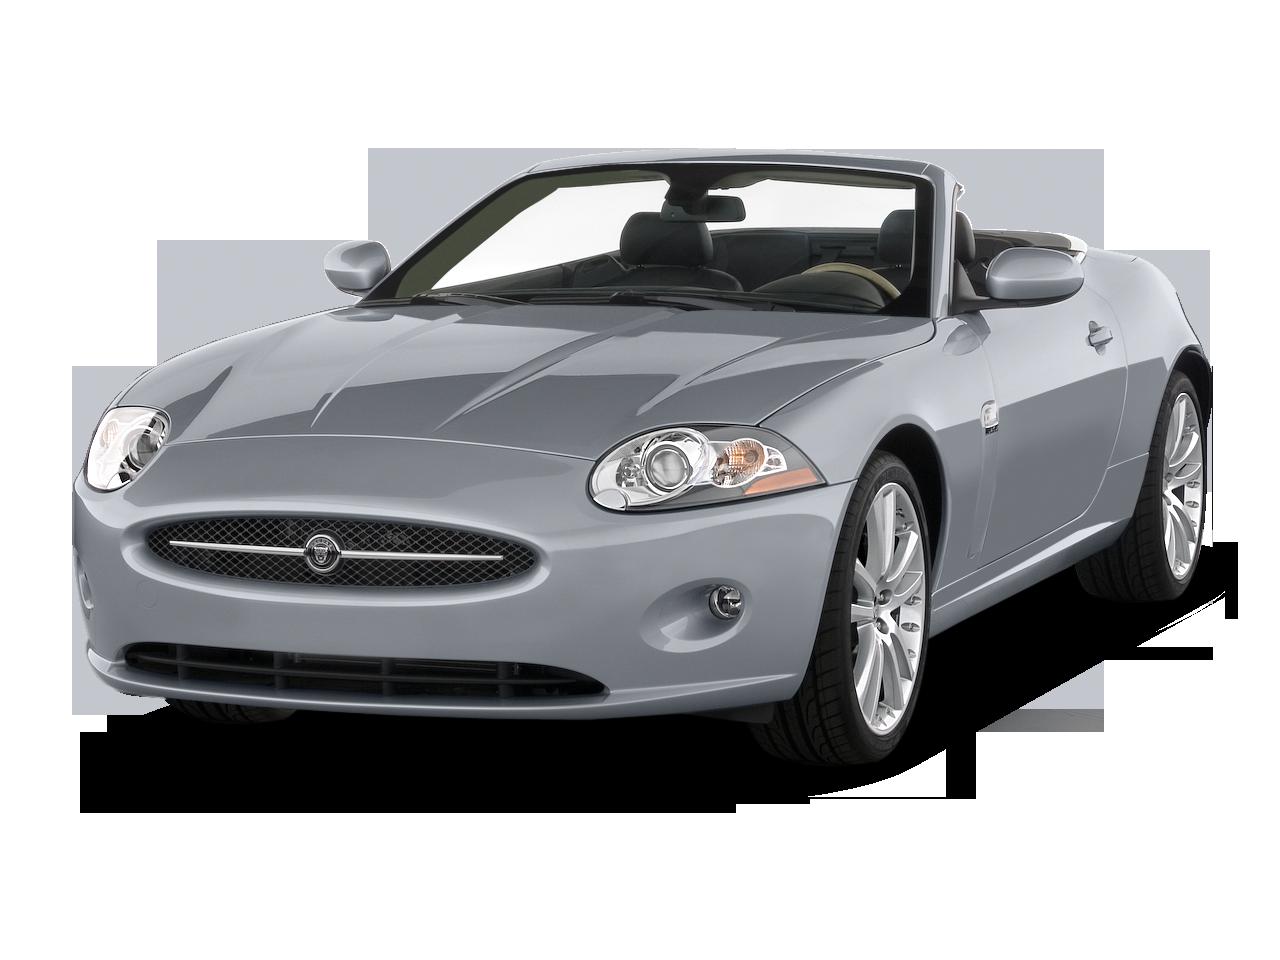 2008 jaguar xkr convertible jaguar luxury convertible review automobile magazine. Black Bedroom Furniture Sets. Home Design Ideas